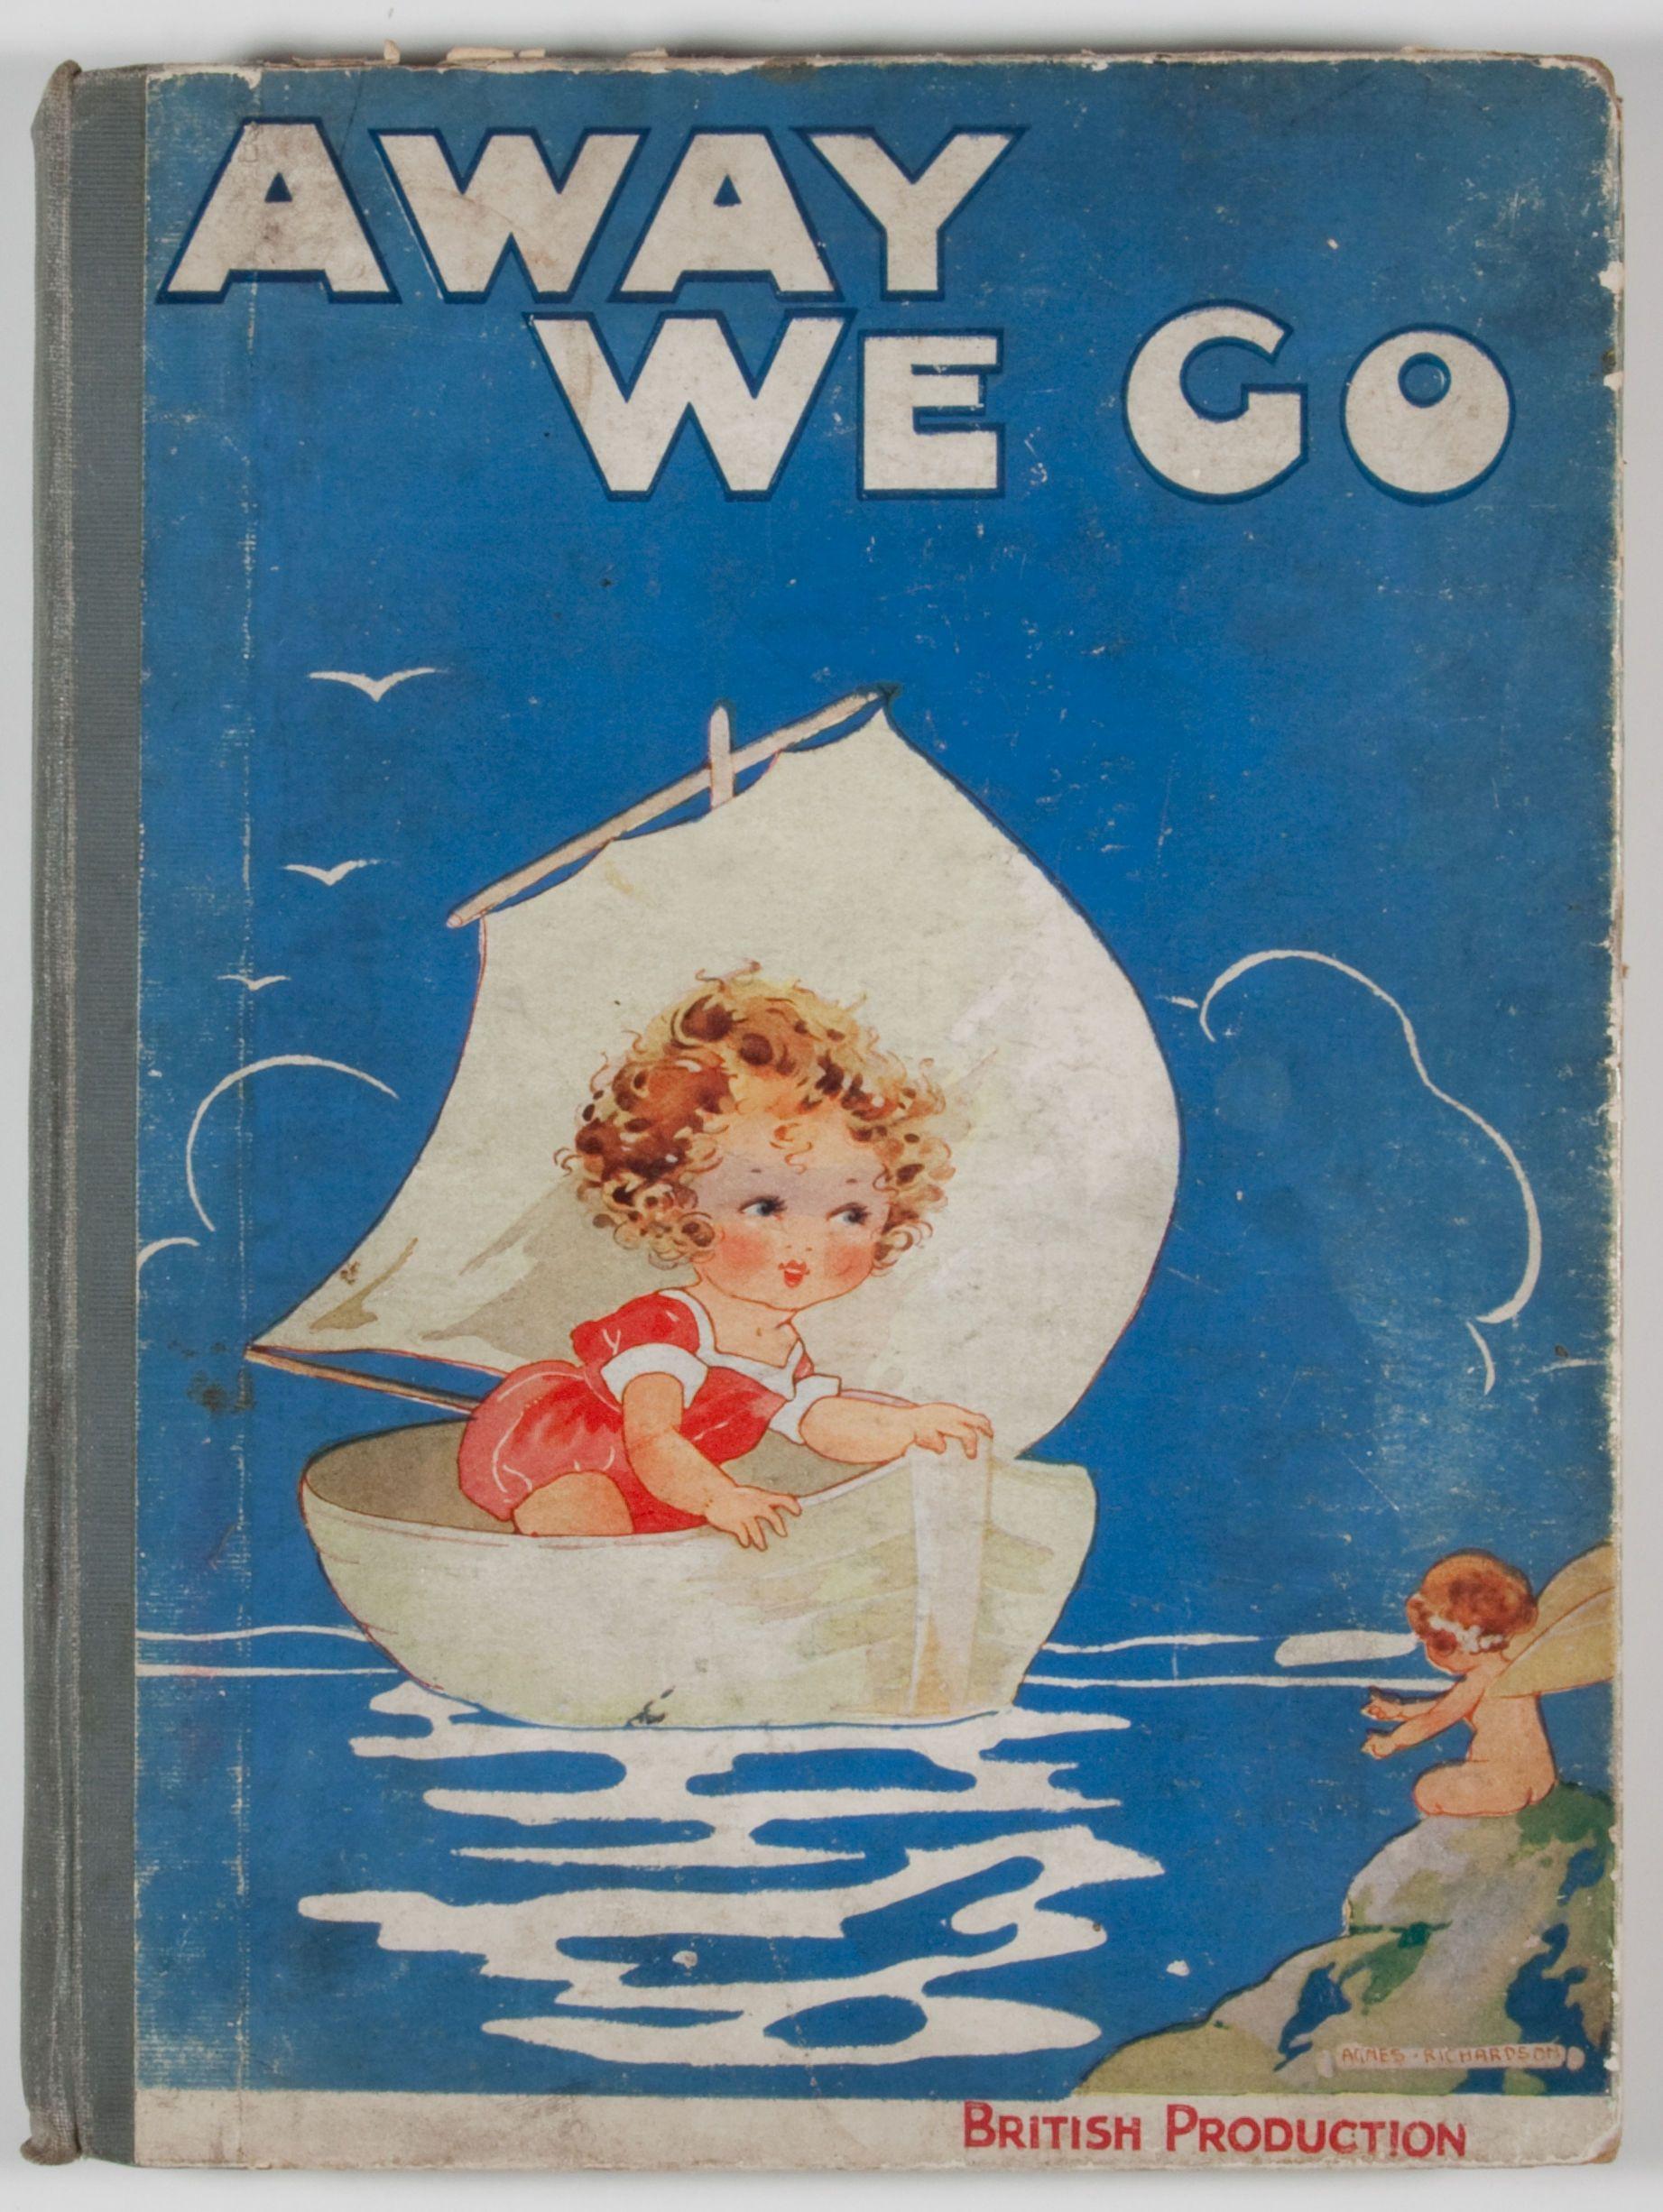 Vintage Children S Book Cover : Vintage book cover illus agnes richardson